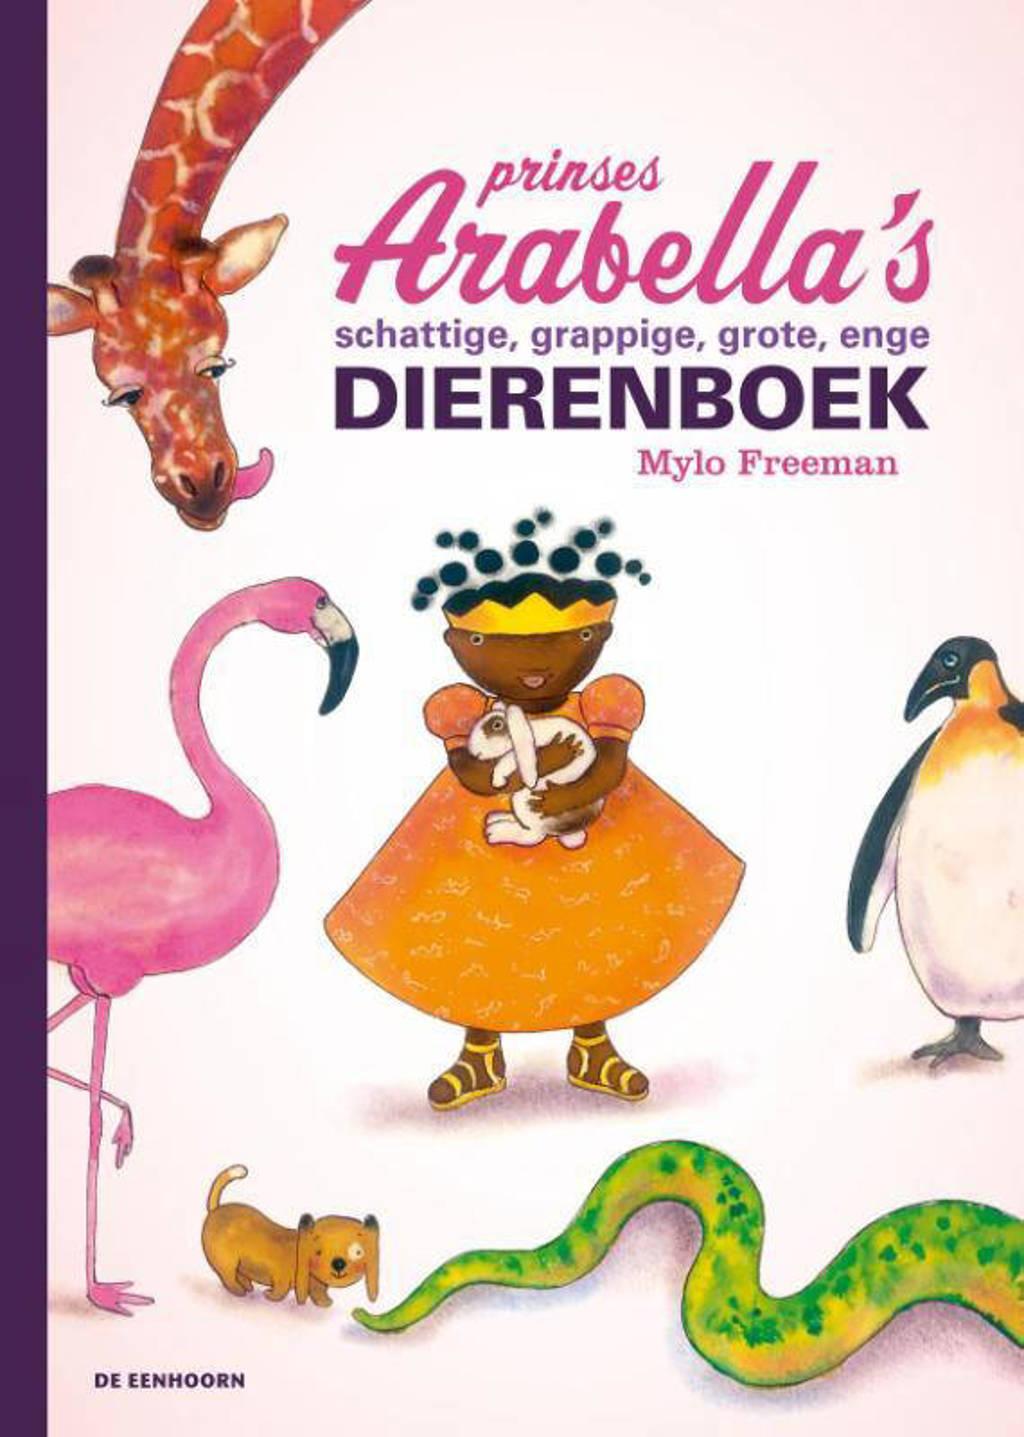 Prinses Arabella's schattige, grappige, grote, enge dierenboek - Mylo Freeman